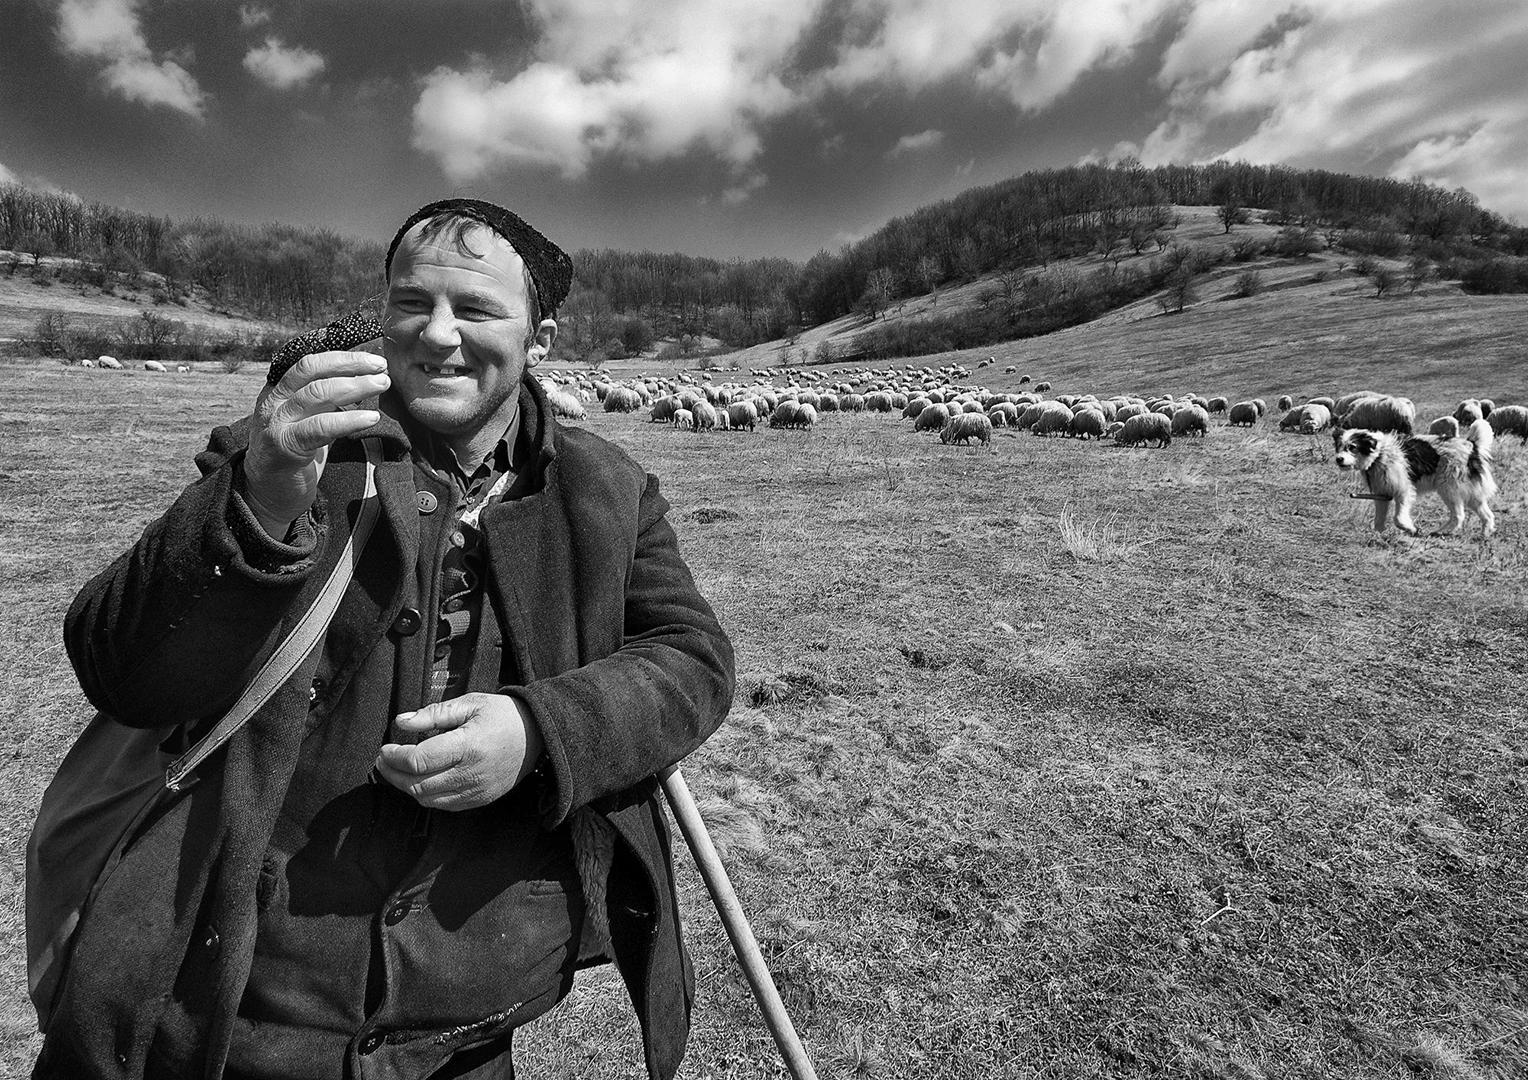 Shepherd with pain in the finger, Søren Skov